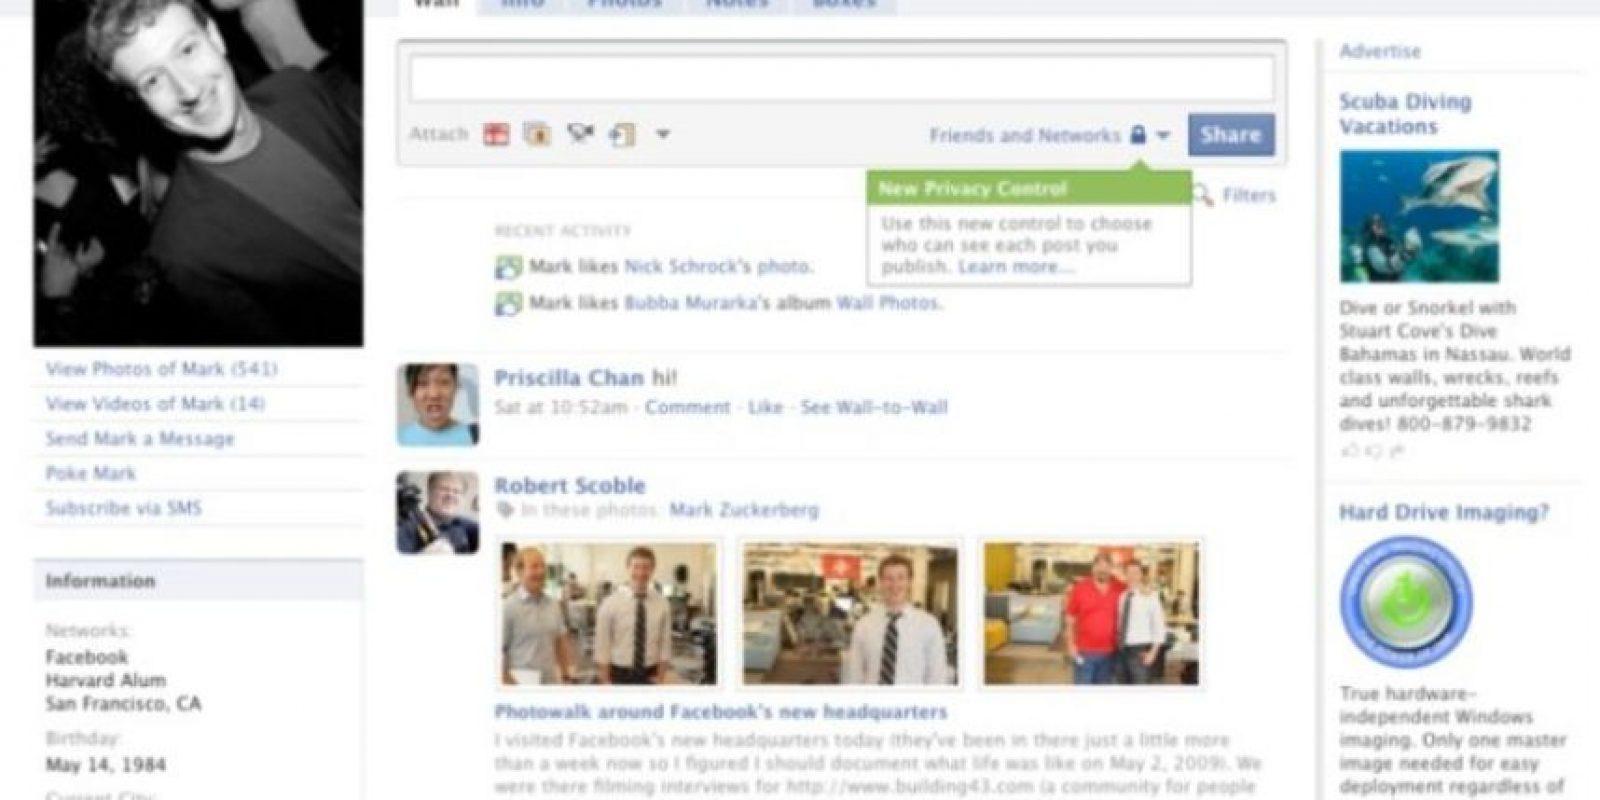 2009. Las configuraciones de privacidad llegaron para quedarse. Foto:Facebook.com